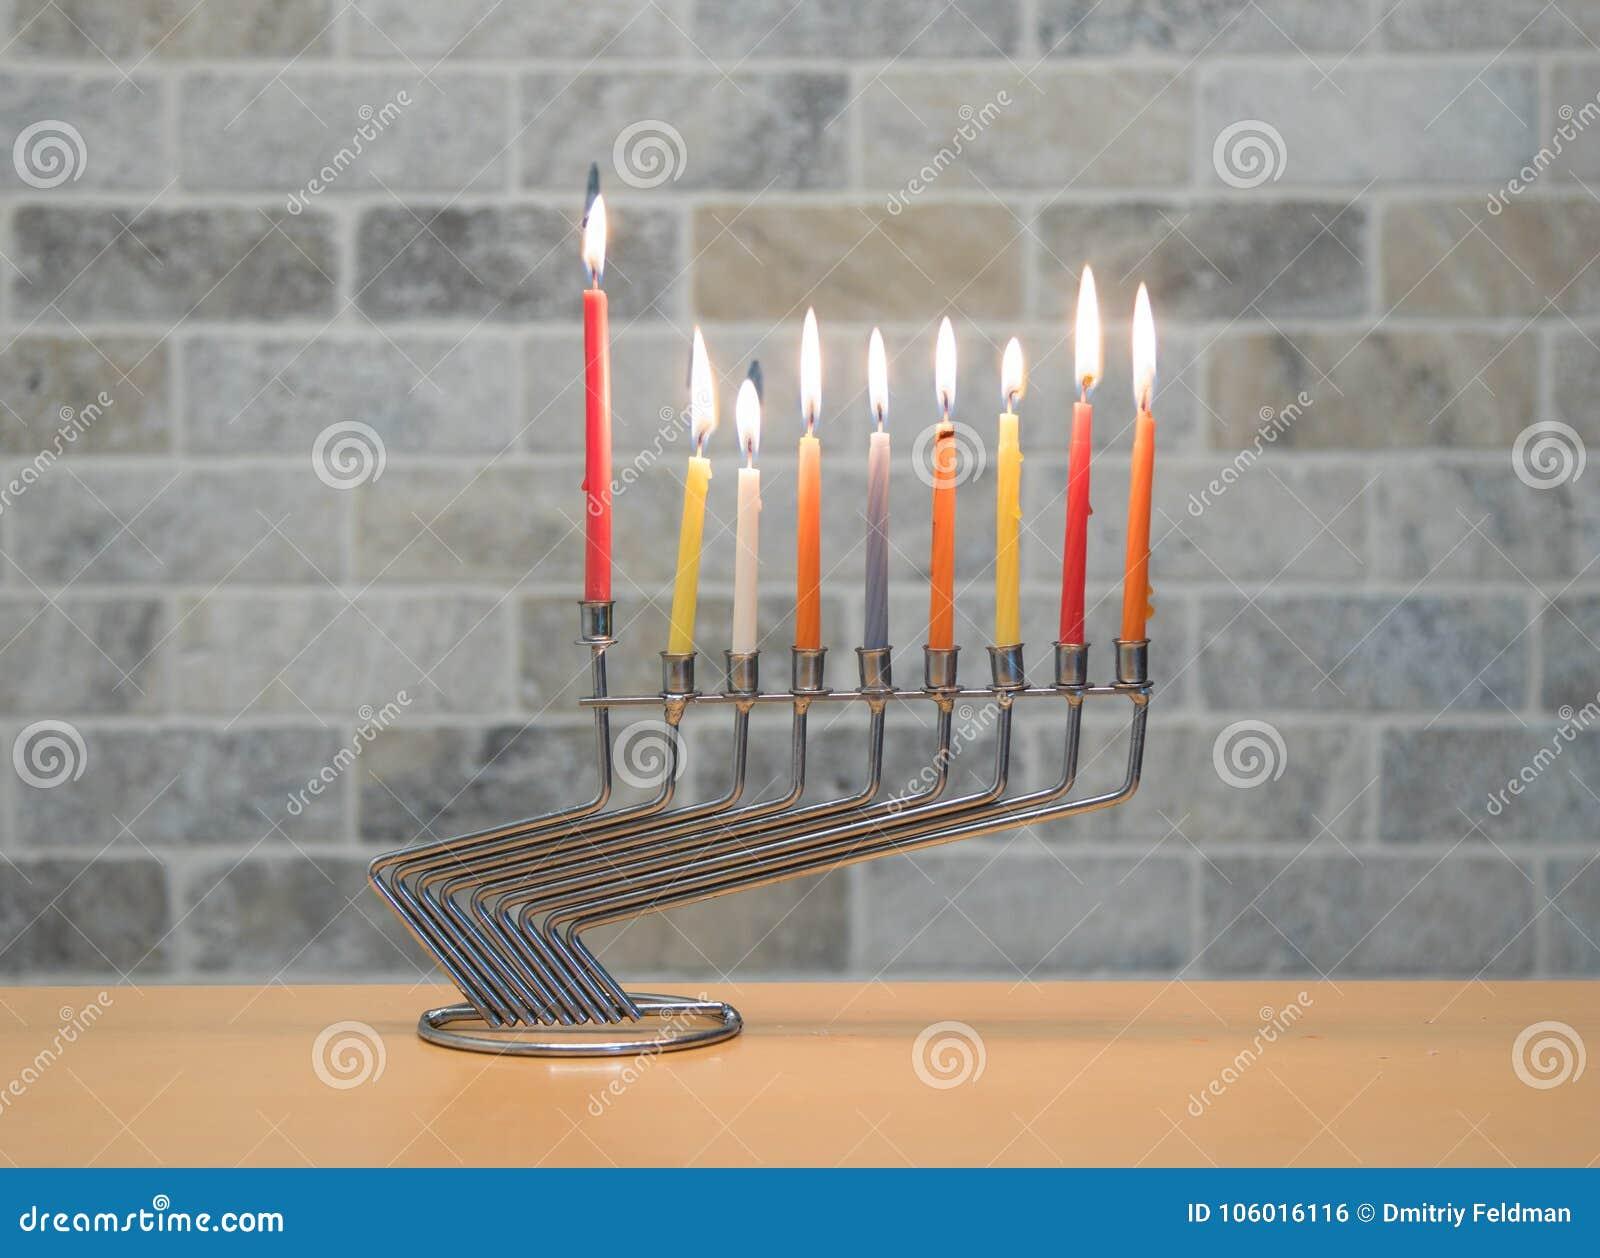 Ένα κηροπήγιο μετάλλων για τον εορτασμό Hanukkah στέκεται με τα αναμμένα κεριά στον πίνακα ενάντια στο σκηνικό ενός τουβλότοιχος